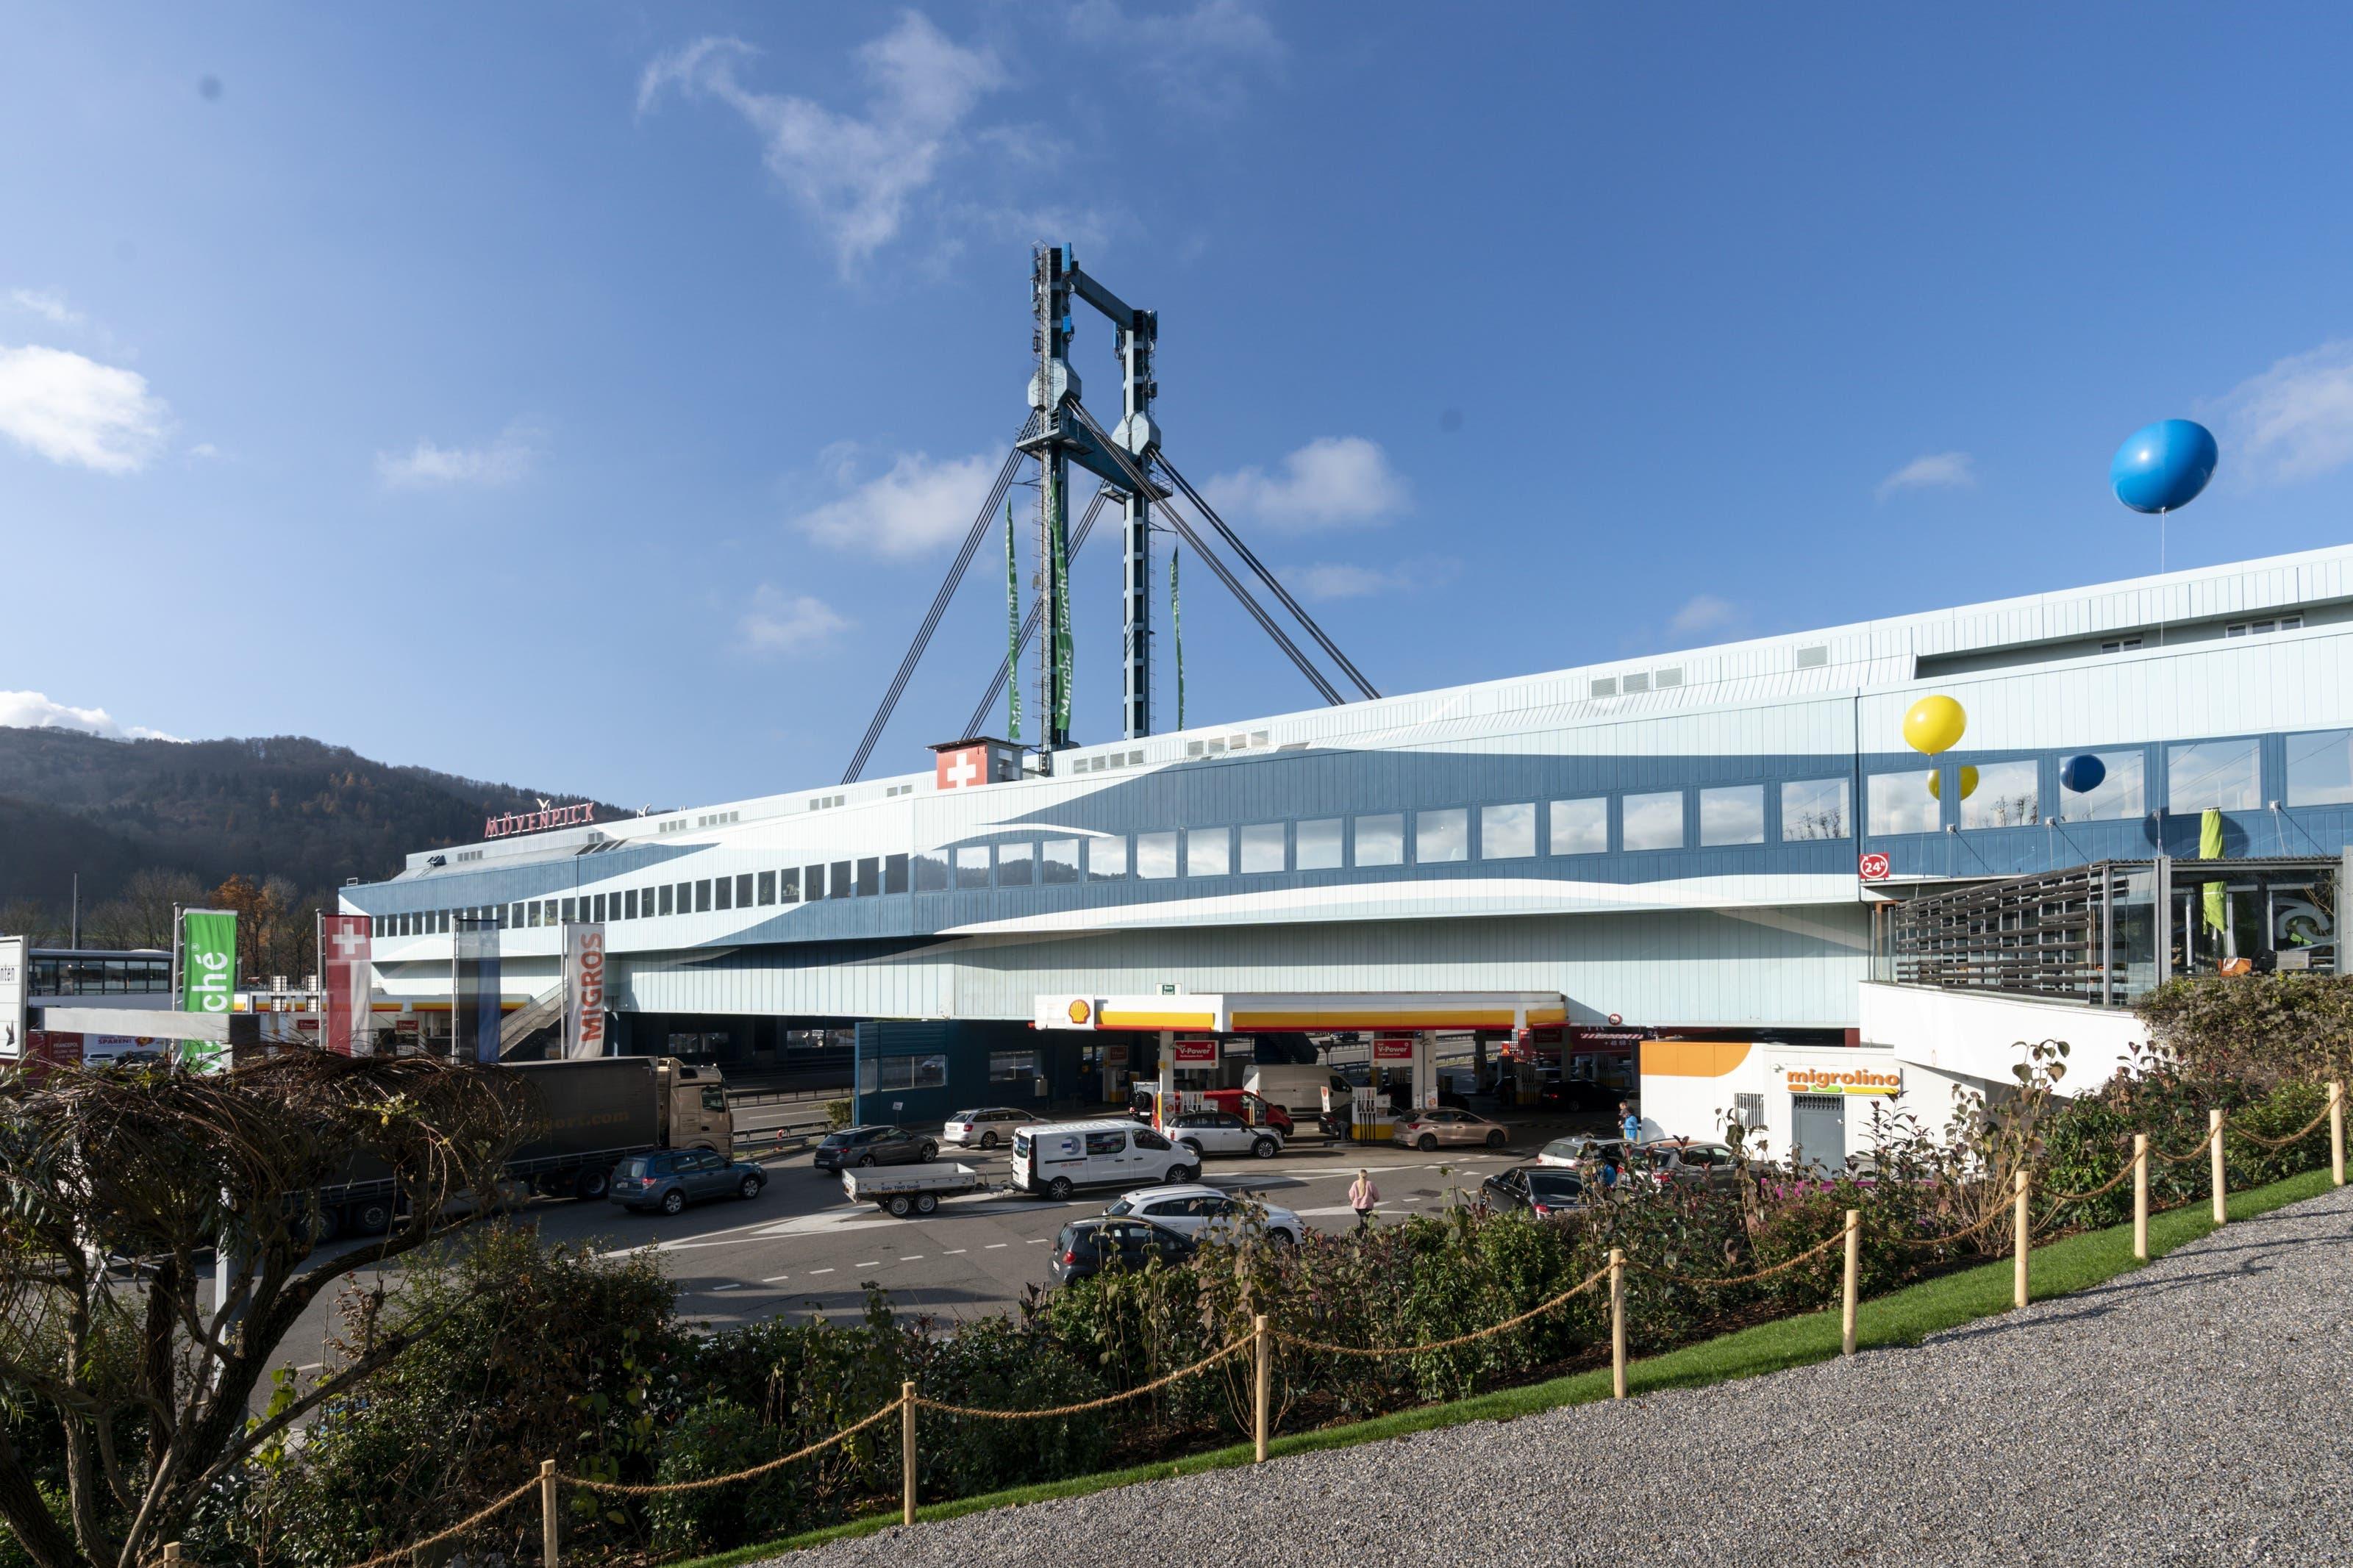 Die markante Fassade des gut 140 Meter langen Gebäudes blieb dabei allerdings unverändert.